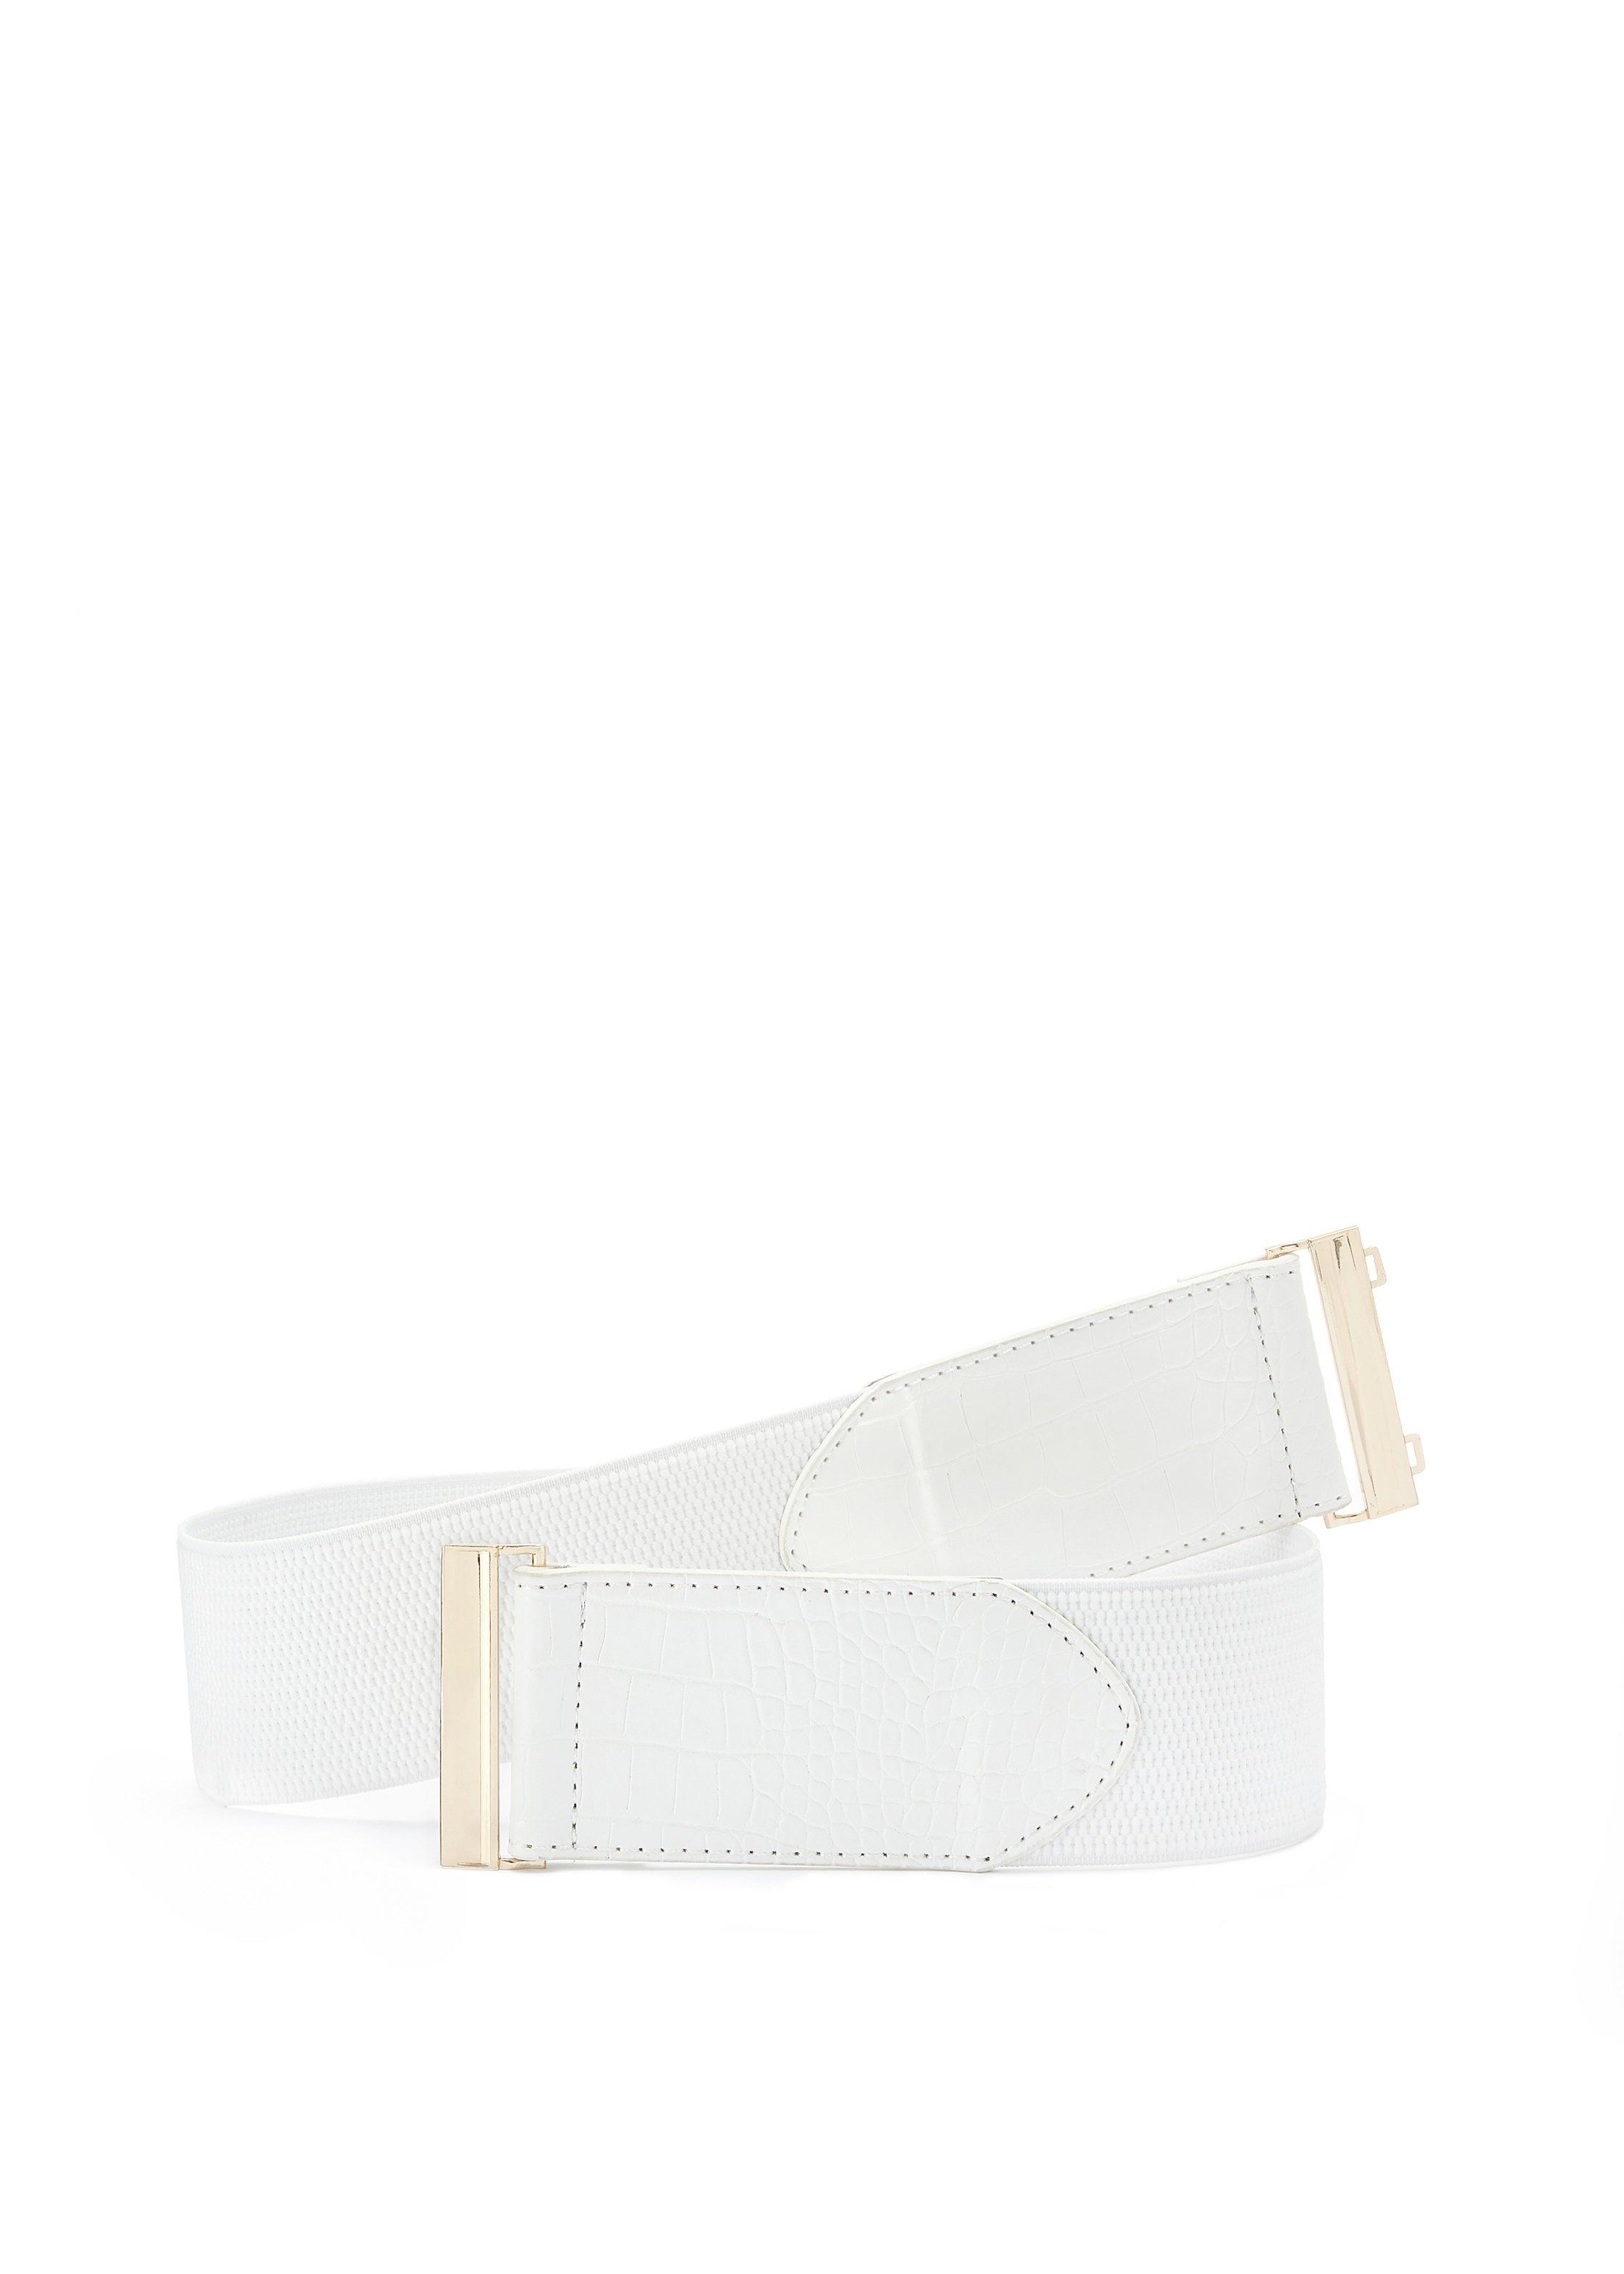 Lascana tailleceintuur met elastische band - gratis ruilen op lascana.nl